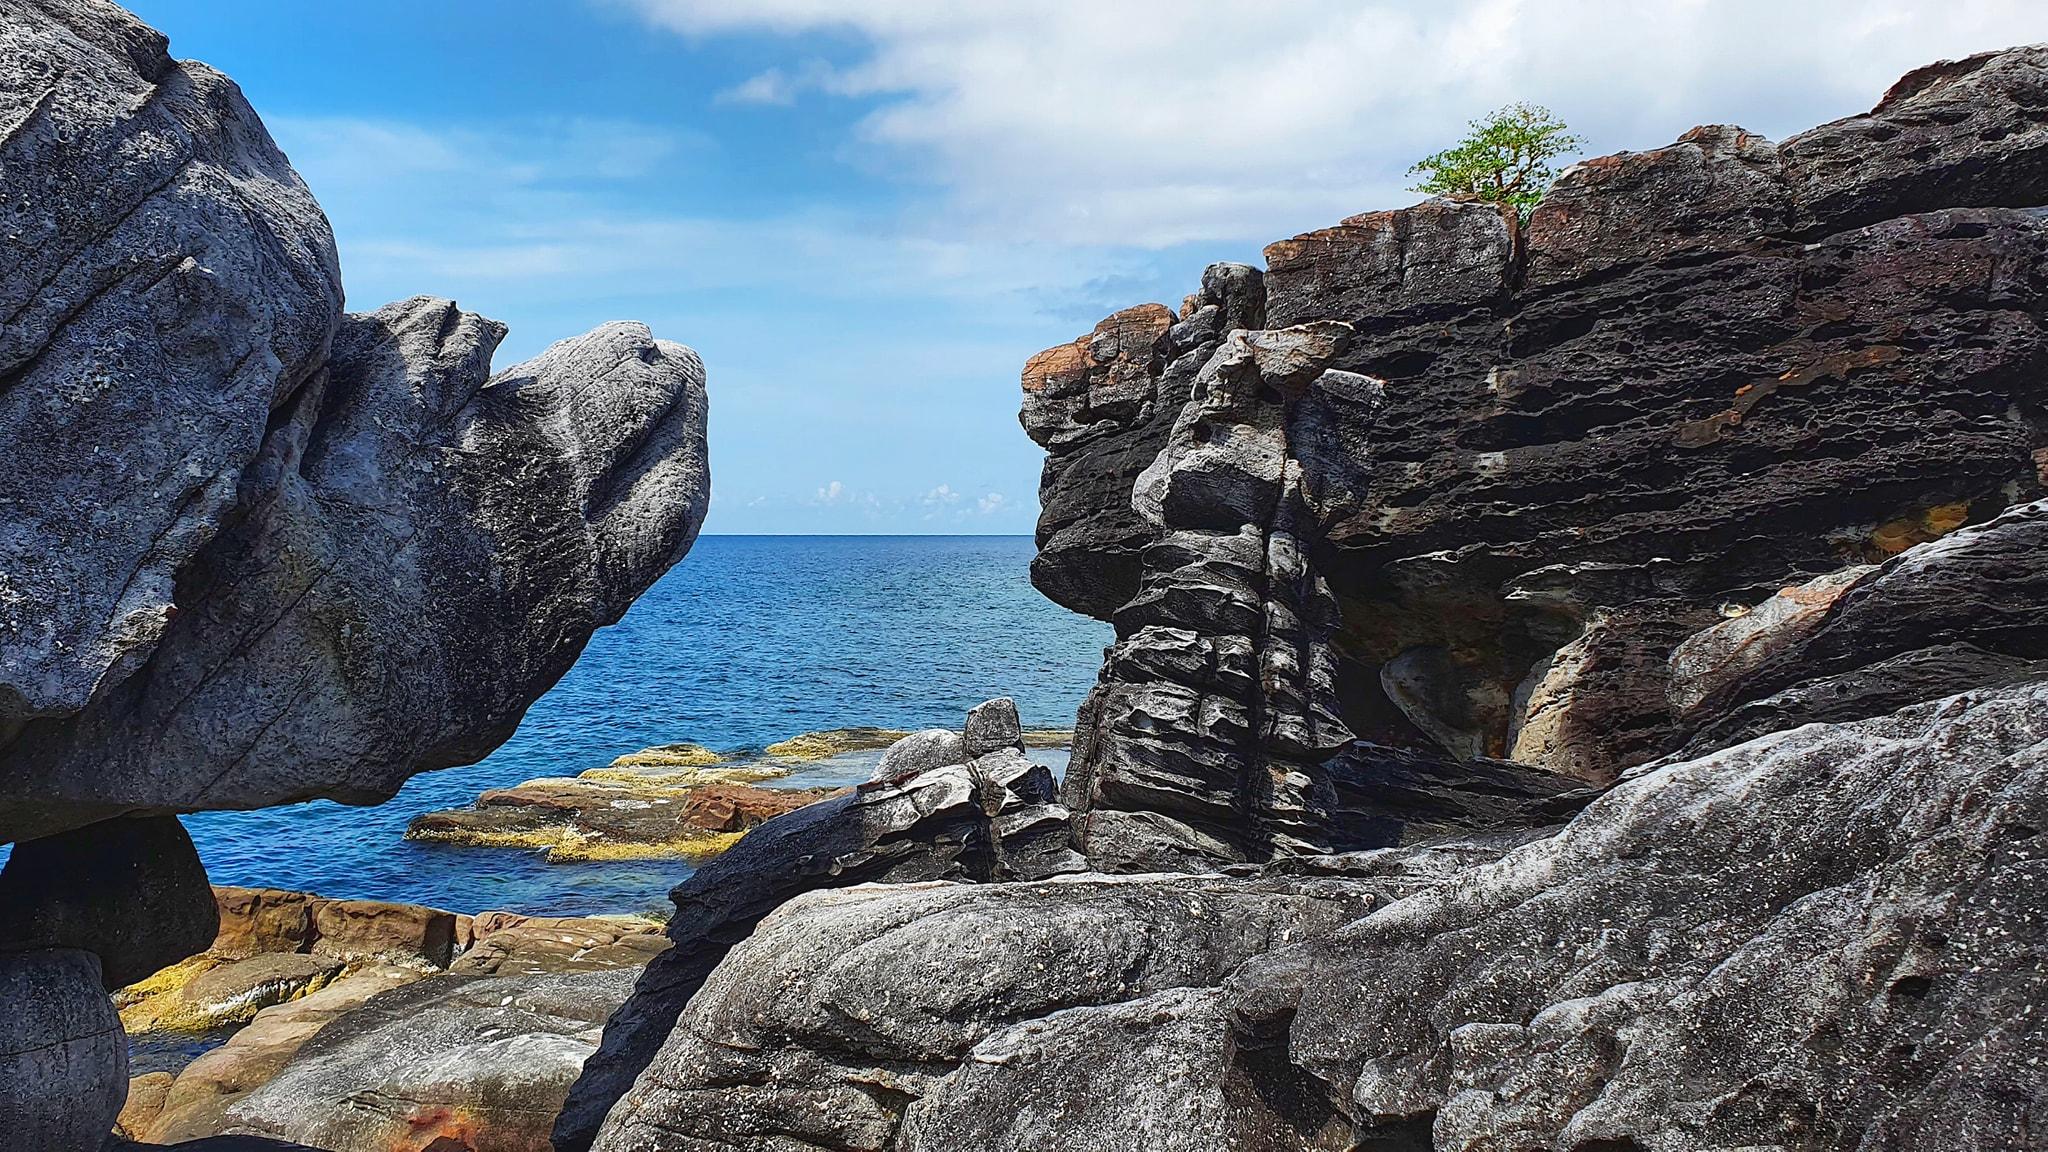 Thiên nhiên hùng vỹ ở đảo Thổ Châu. Hình: Tran Vuong Xuan Phu